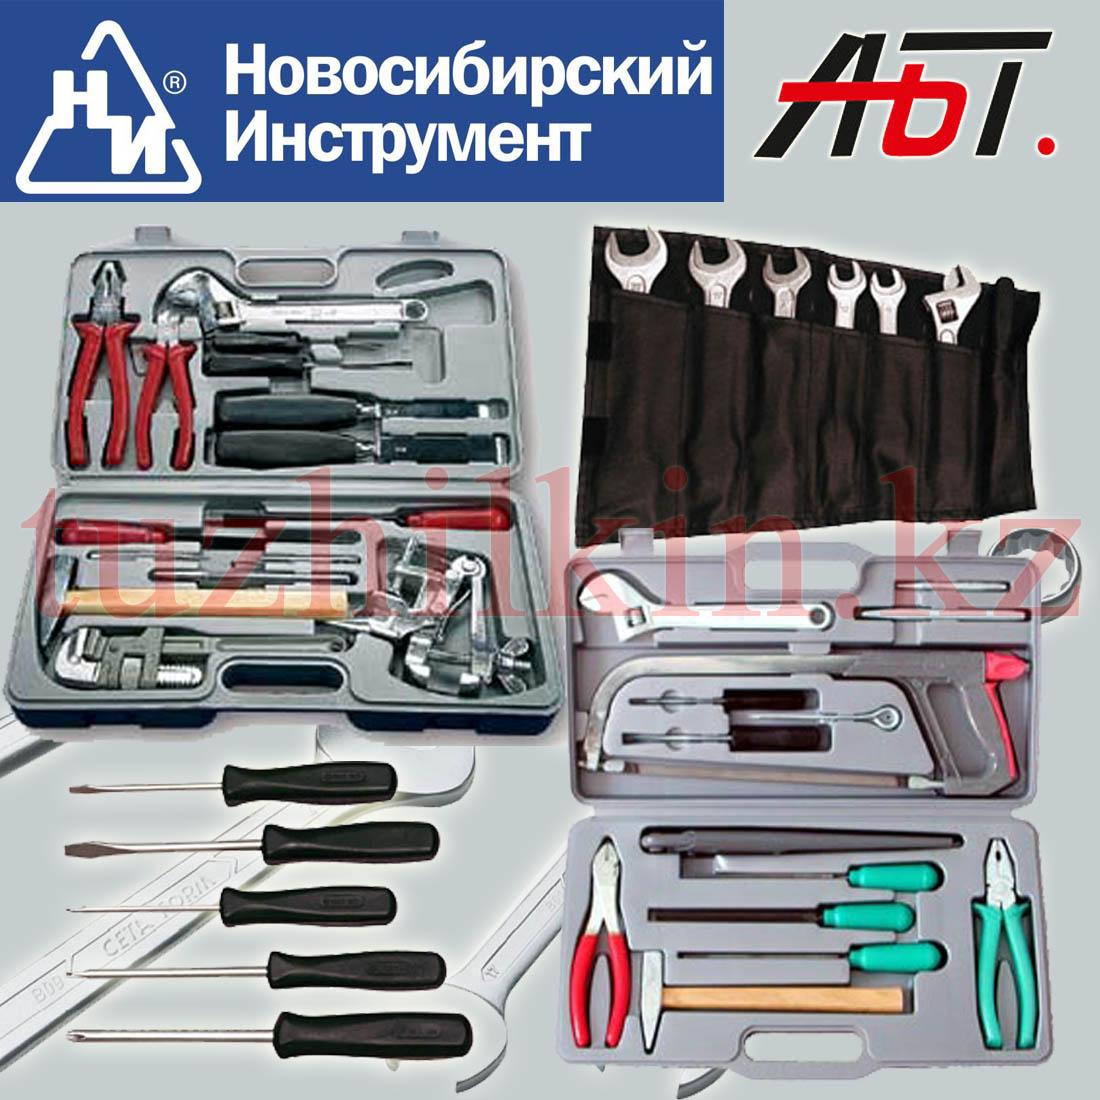 Новосибирский инструмент Атырау